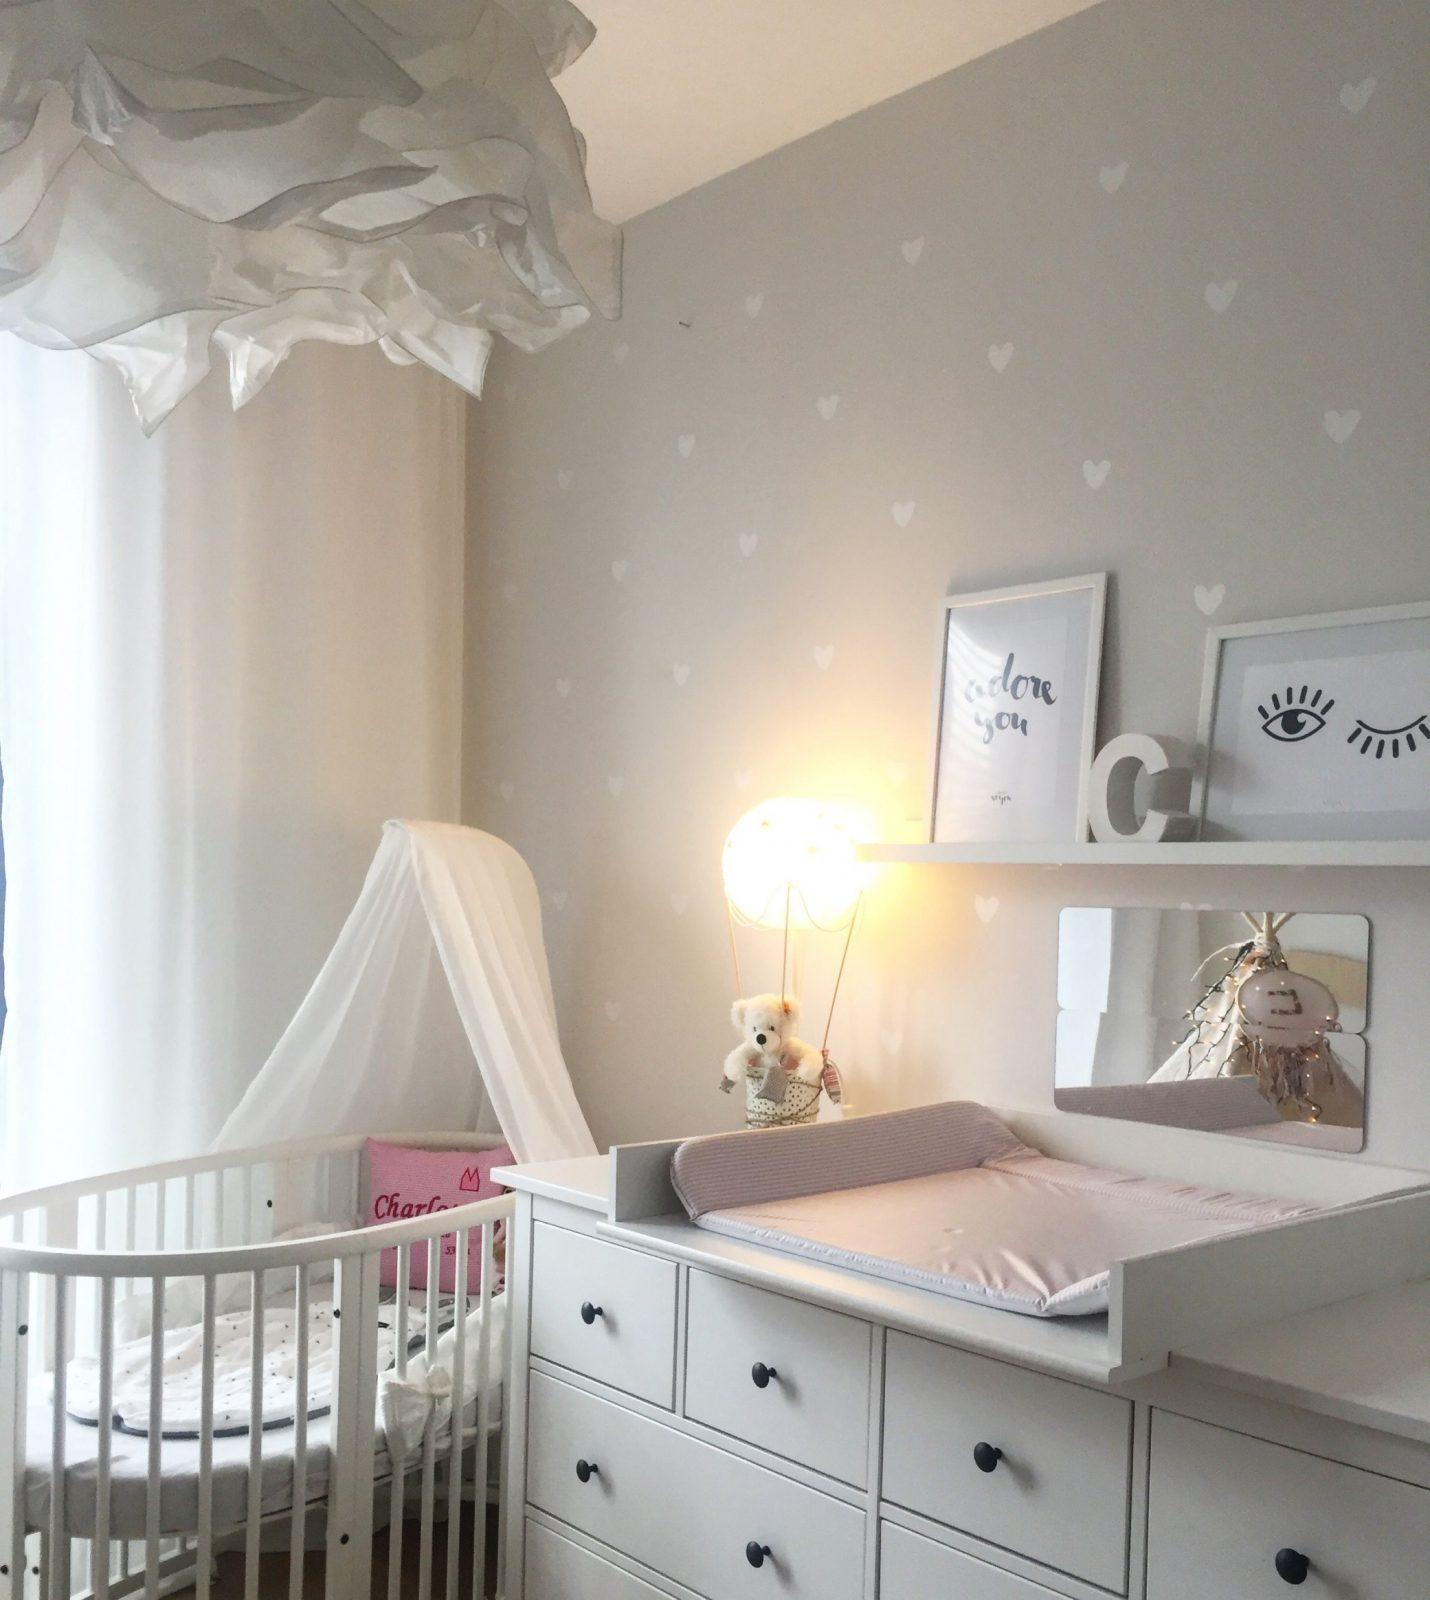 Stokke Babybett Kinderzimmer Babyzimmer Herzchen Ikea von Baby Dekoration Zimmer Photo